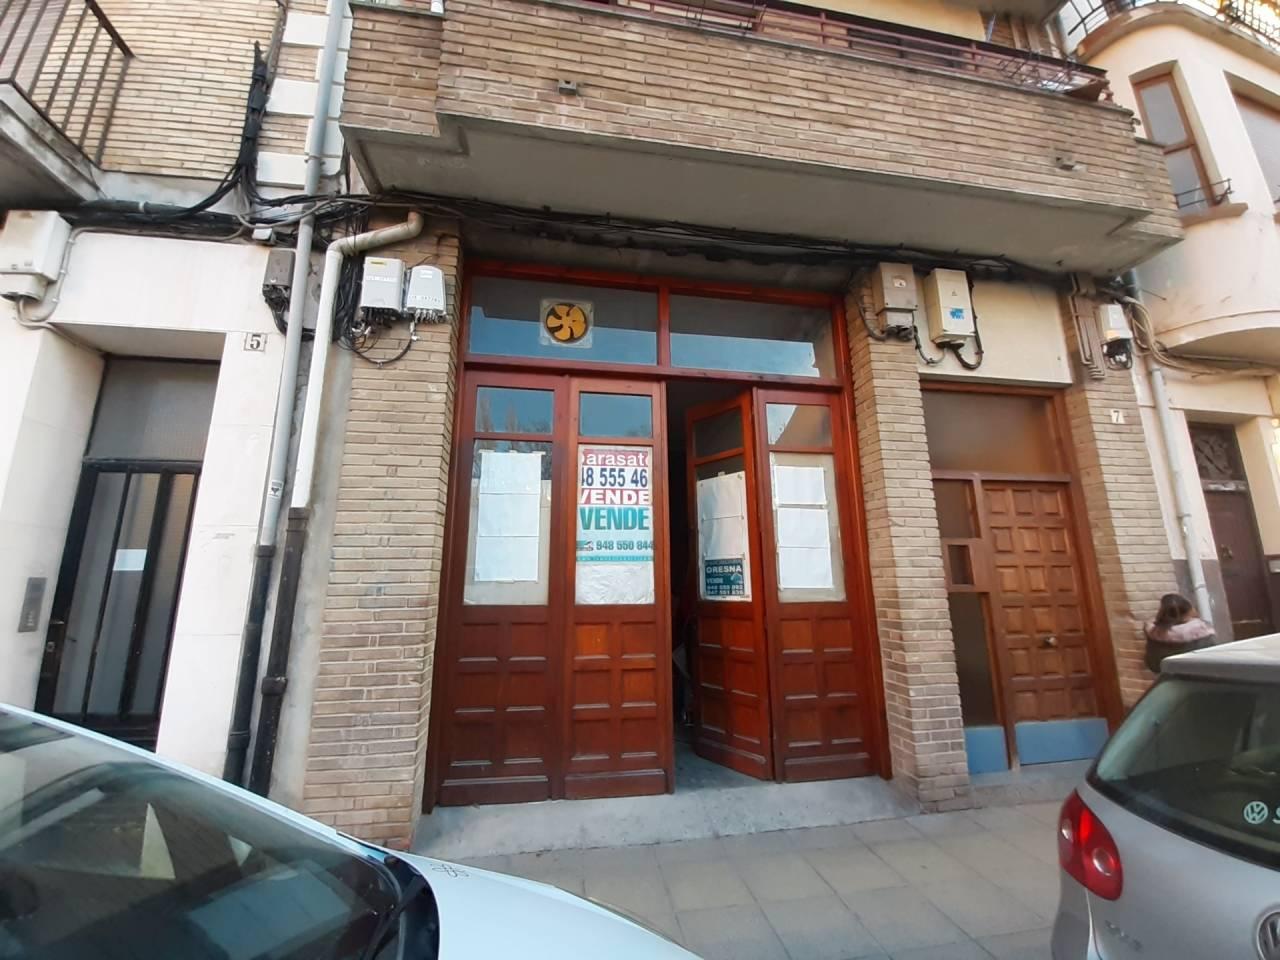 VENTA DE ALMACéN EN ESTELLA-LIZARRA, ESTELLA-LIZARRA | REF. (004041)